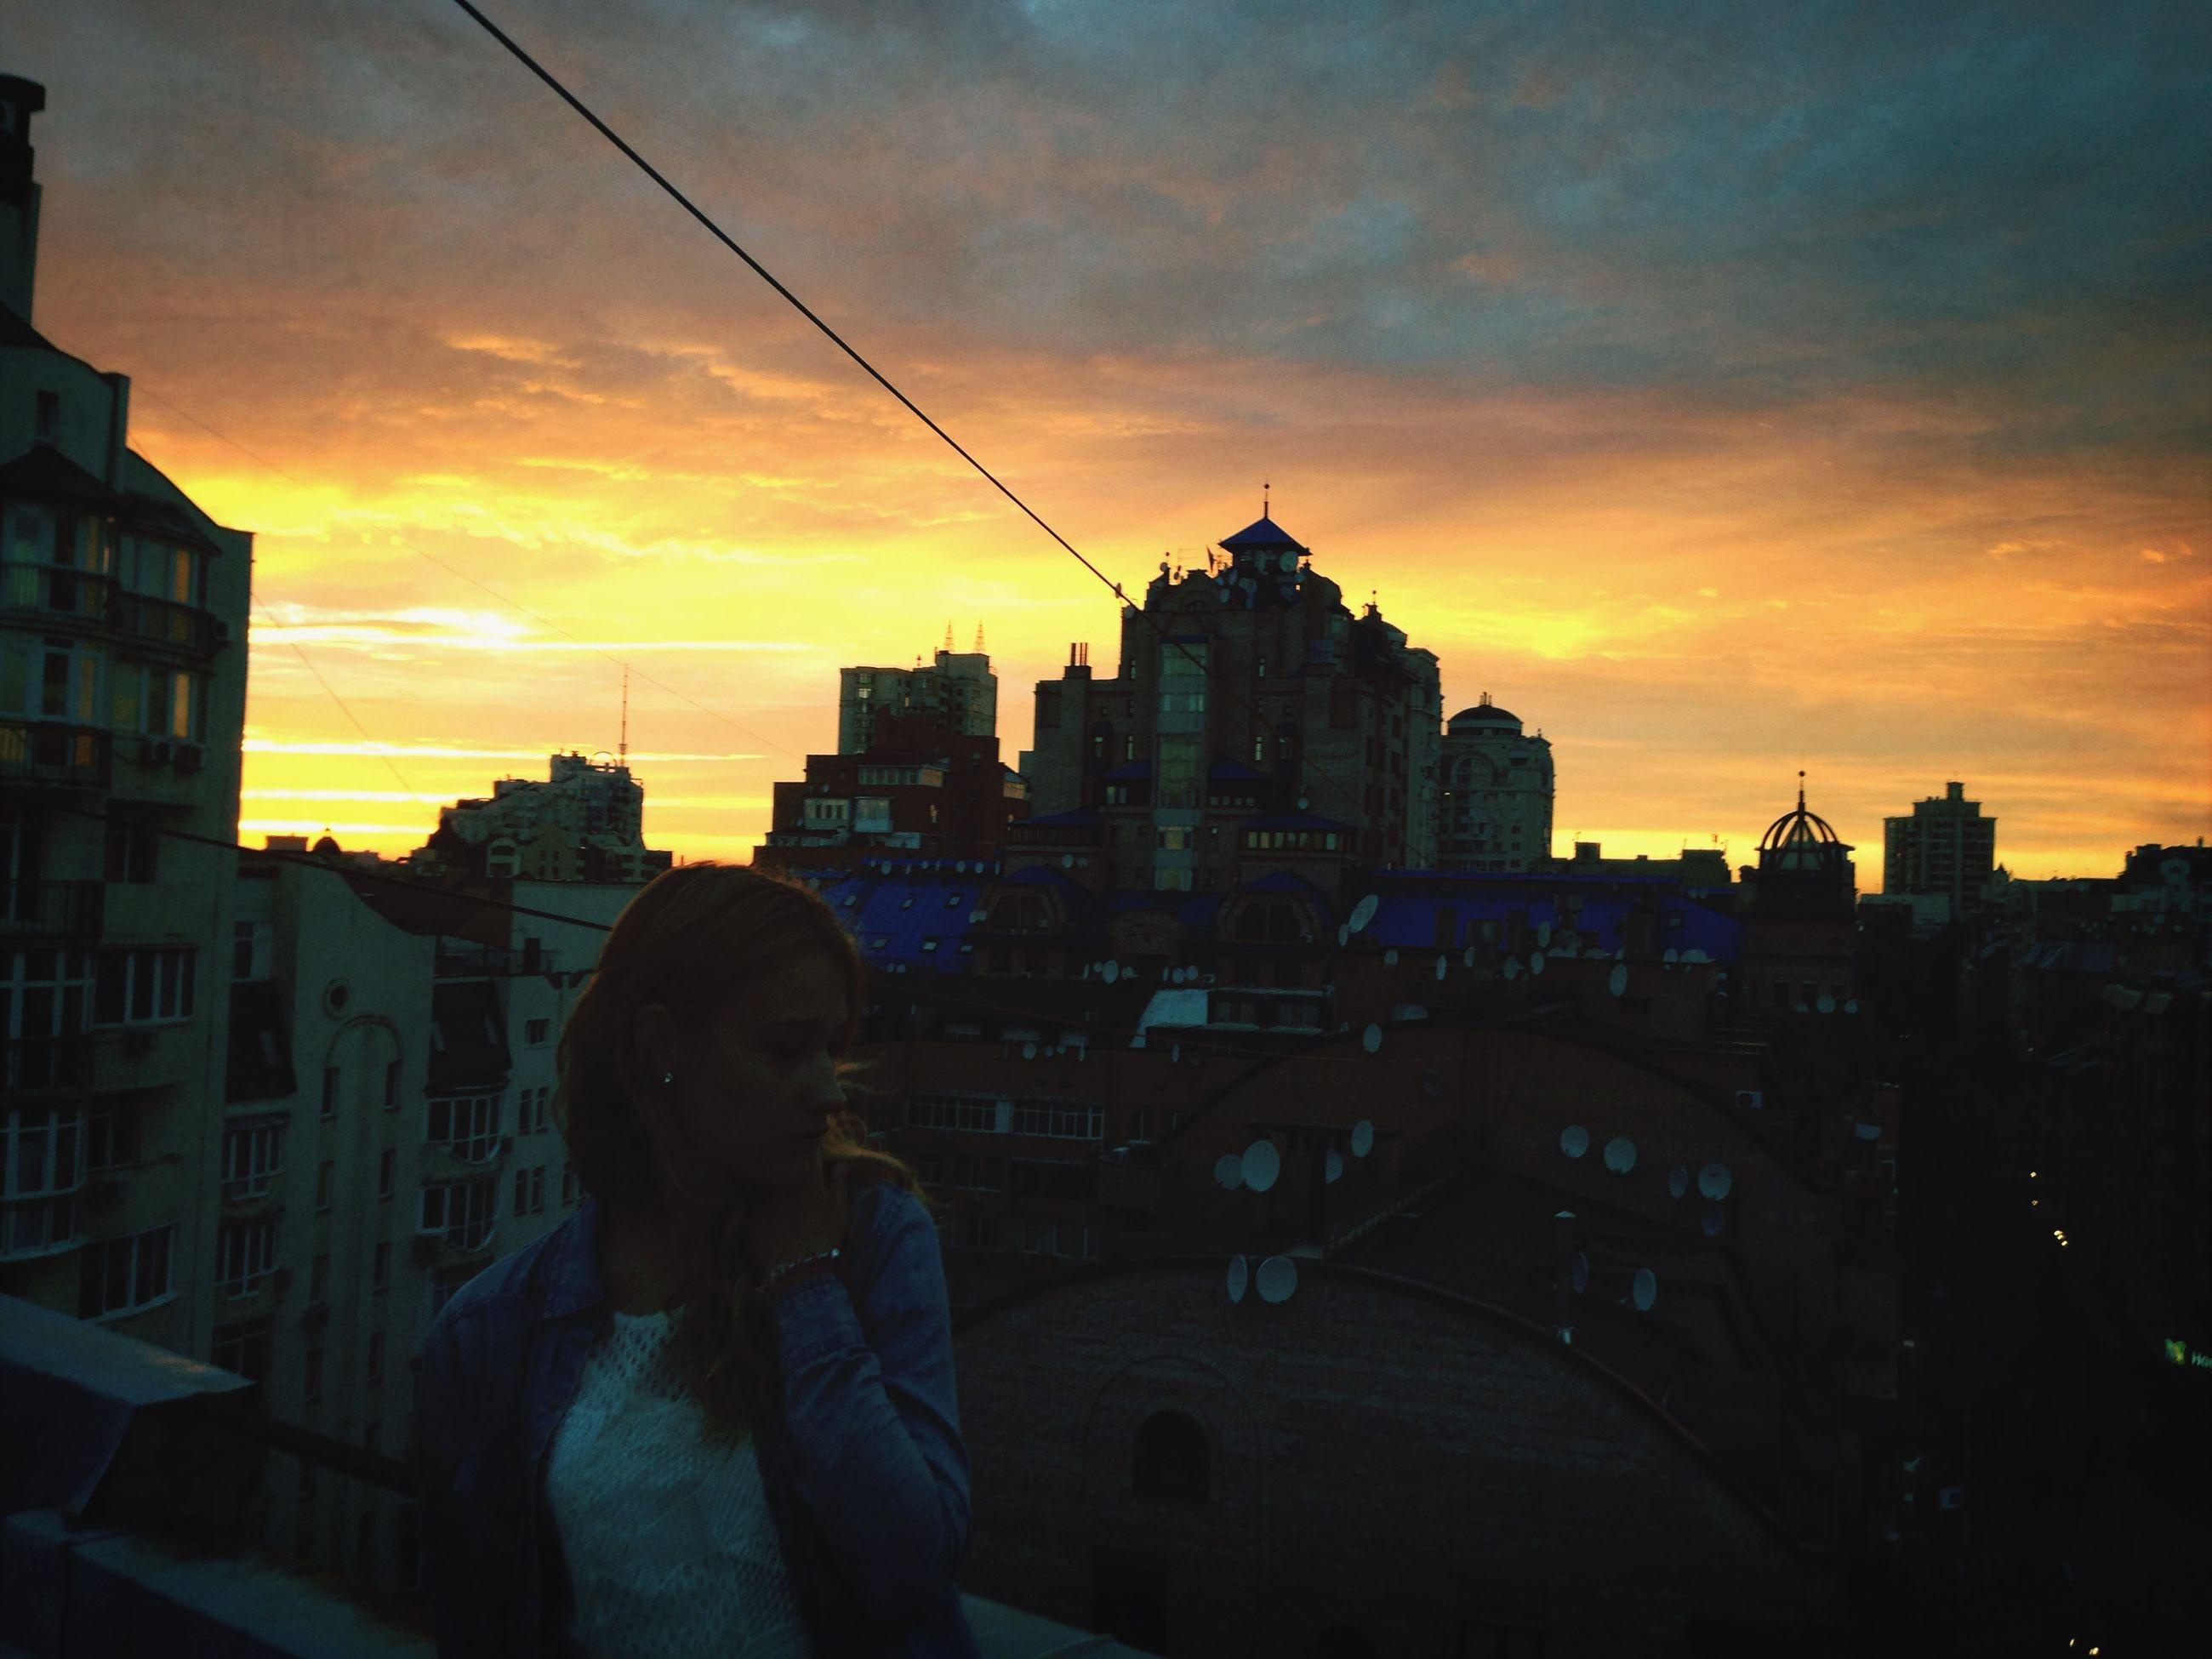 sunset, building exterior, architecture, built structure, orange color, sky, city, silhouette, cloud - sky, cityscape, lifestyles, city life, men, leisure activity, standing, cloud, residential building, building